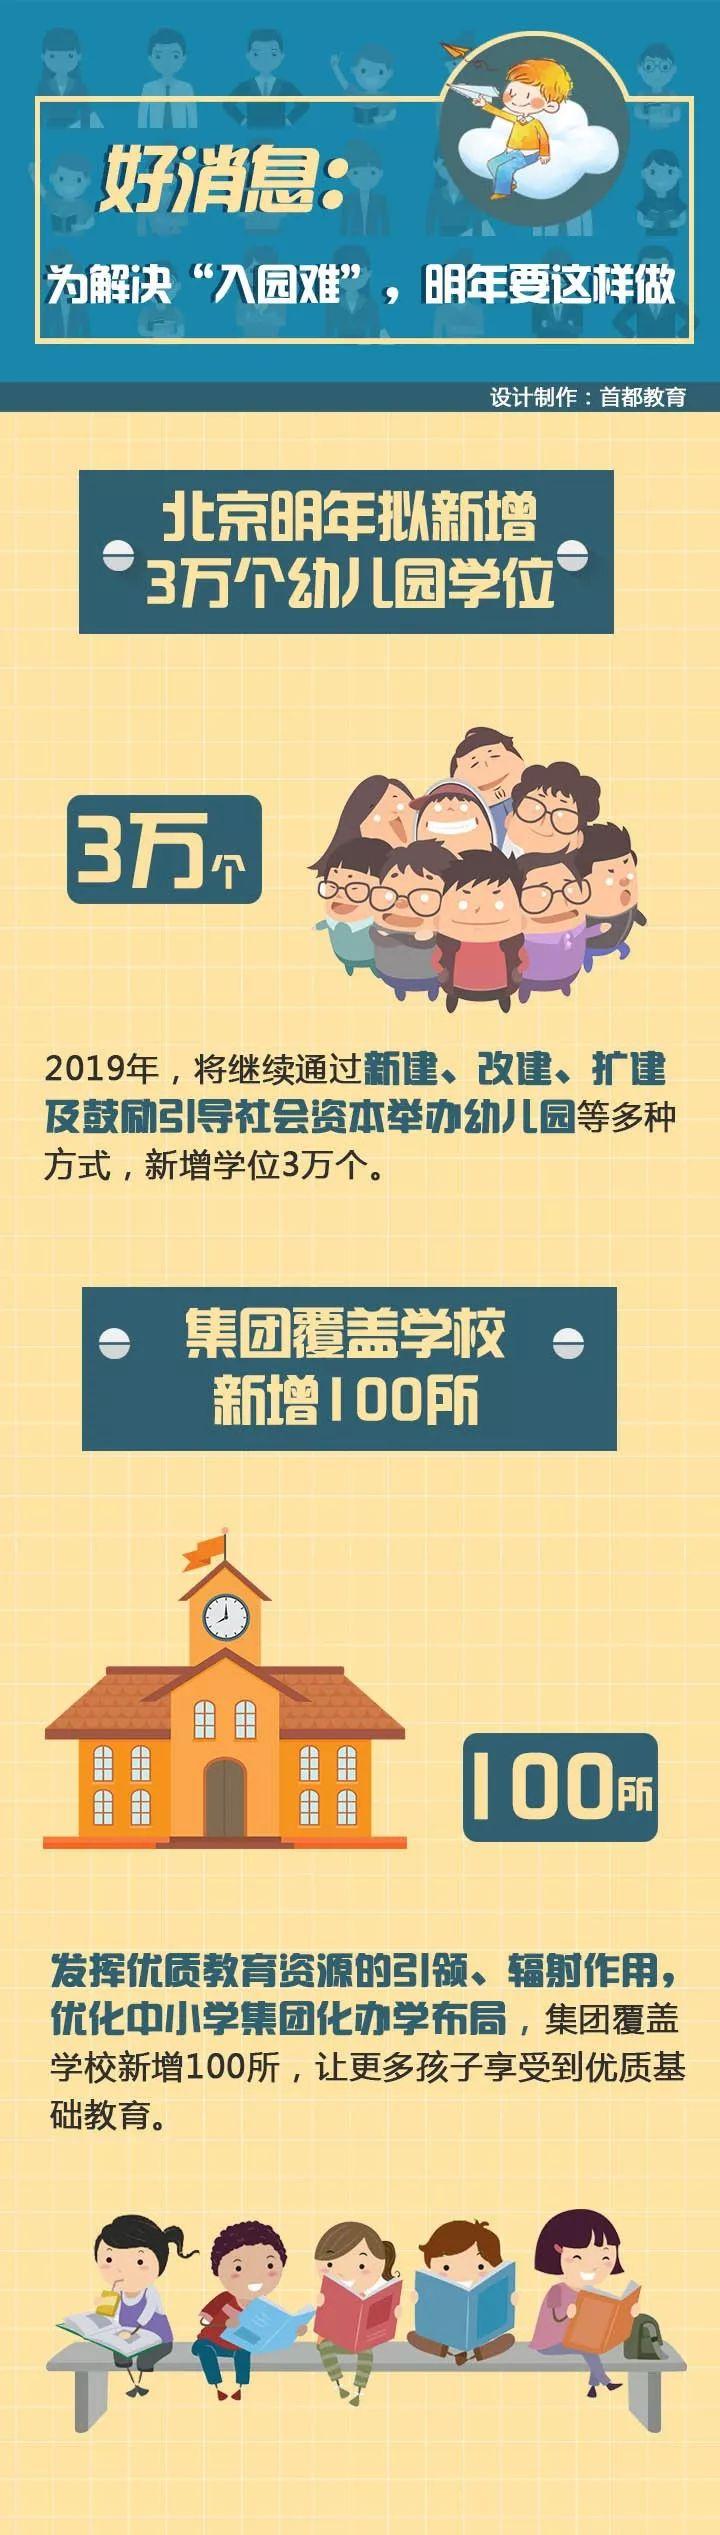 2019年北京市拟新增这么多幼儿园学位!